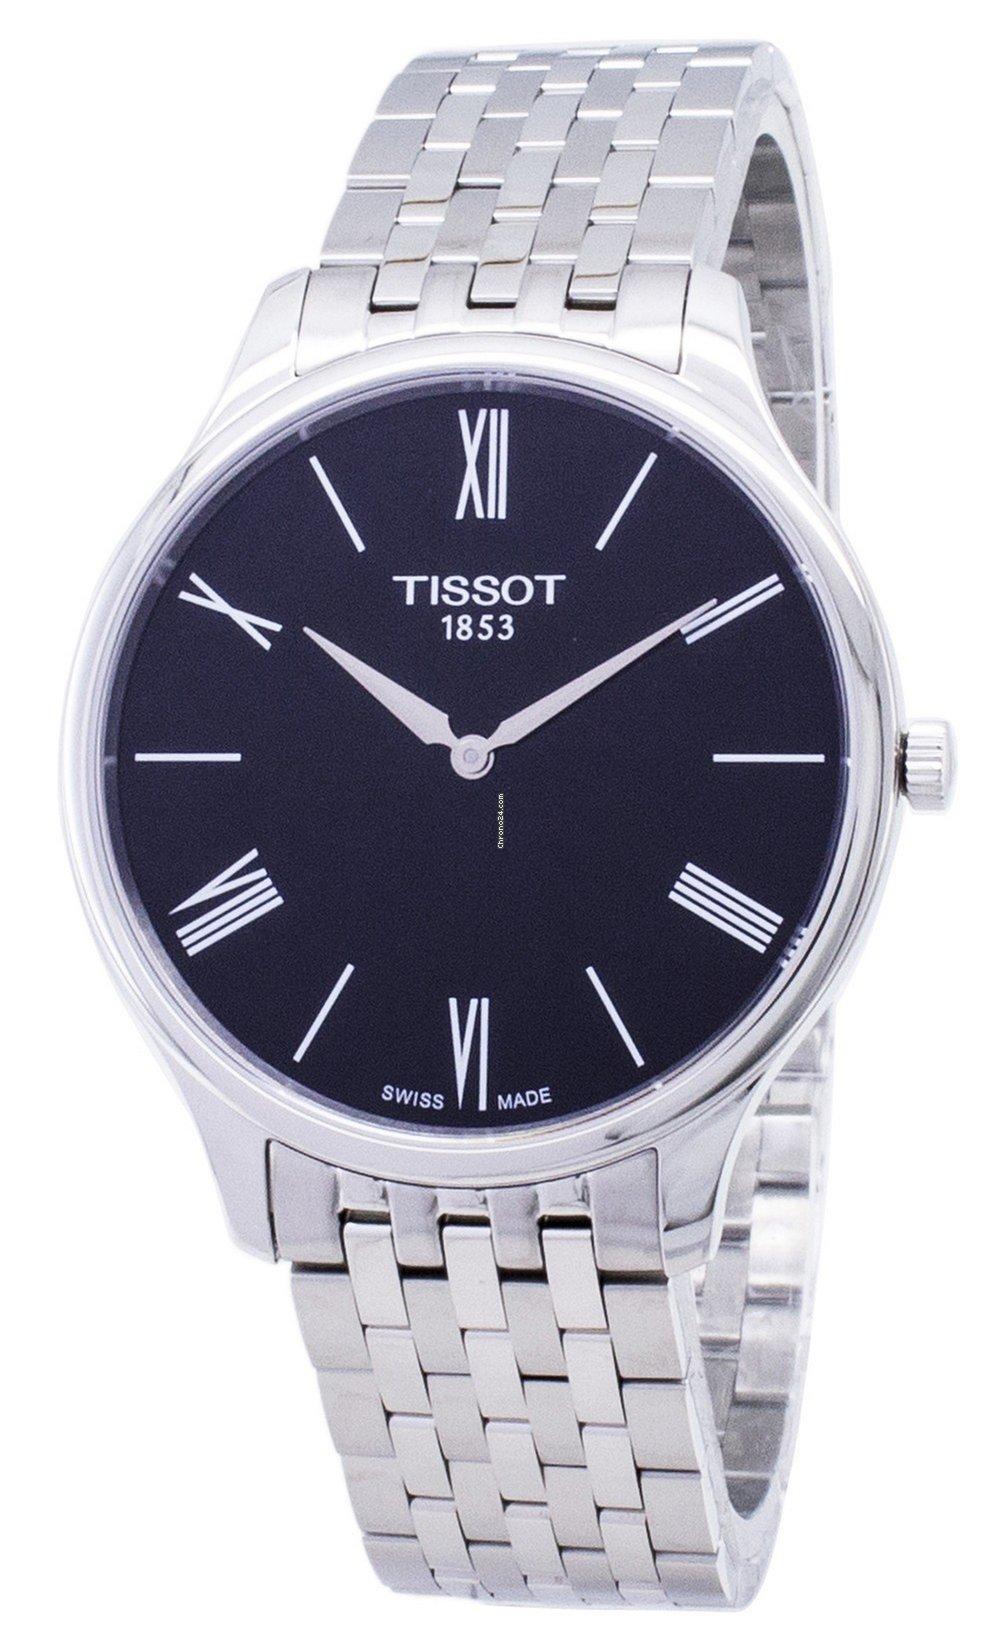 0e31c5617cb Tissot T-Classic Tradition 5.5 T063.409.11.058.00 T06340911058... voor 301  € te koop van een Seller op Chrono24